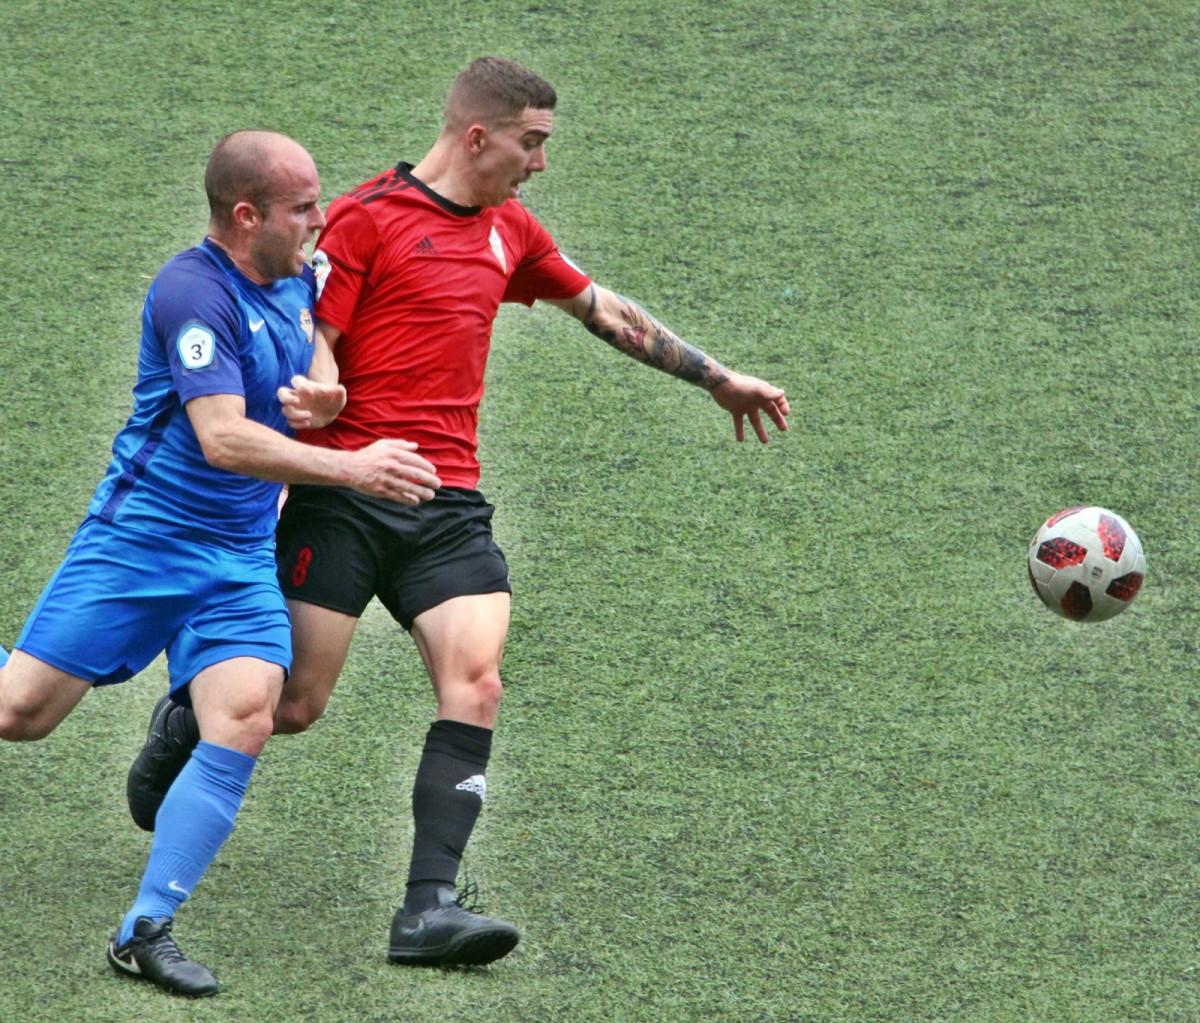 Imagen por cortesía de Tu Futbol en la Palma.